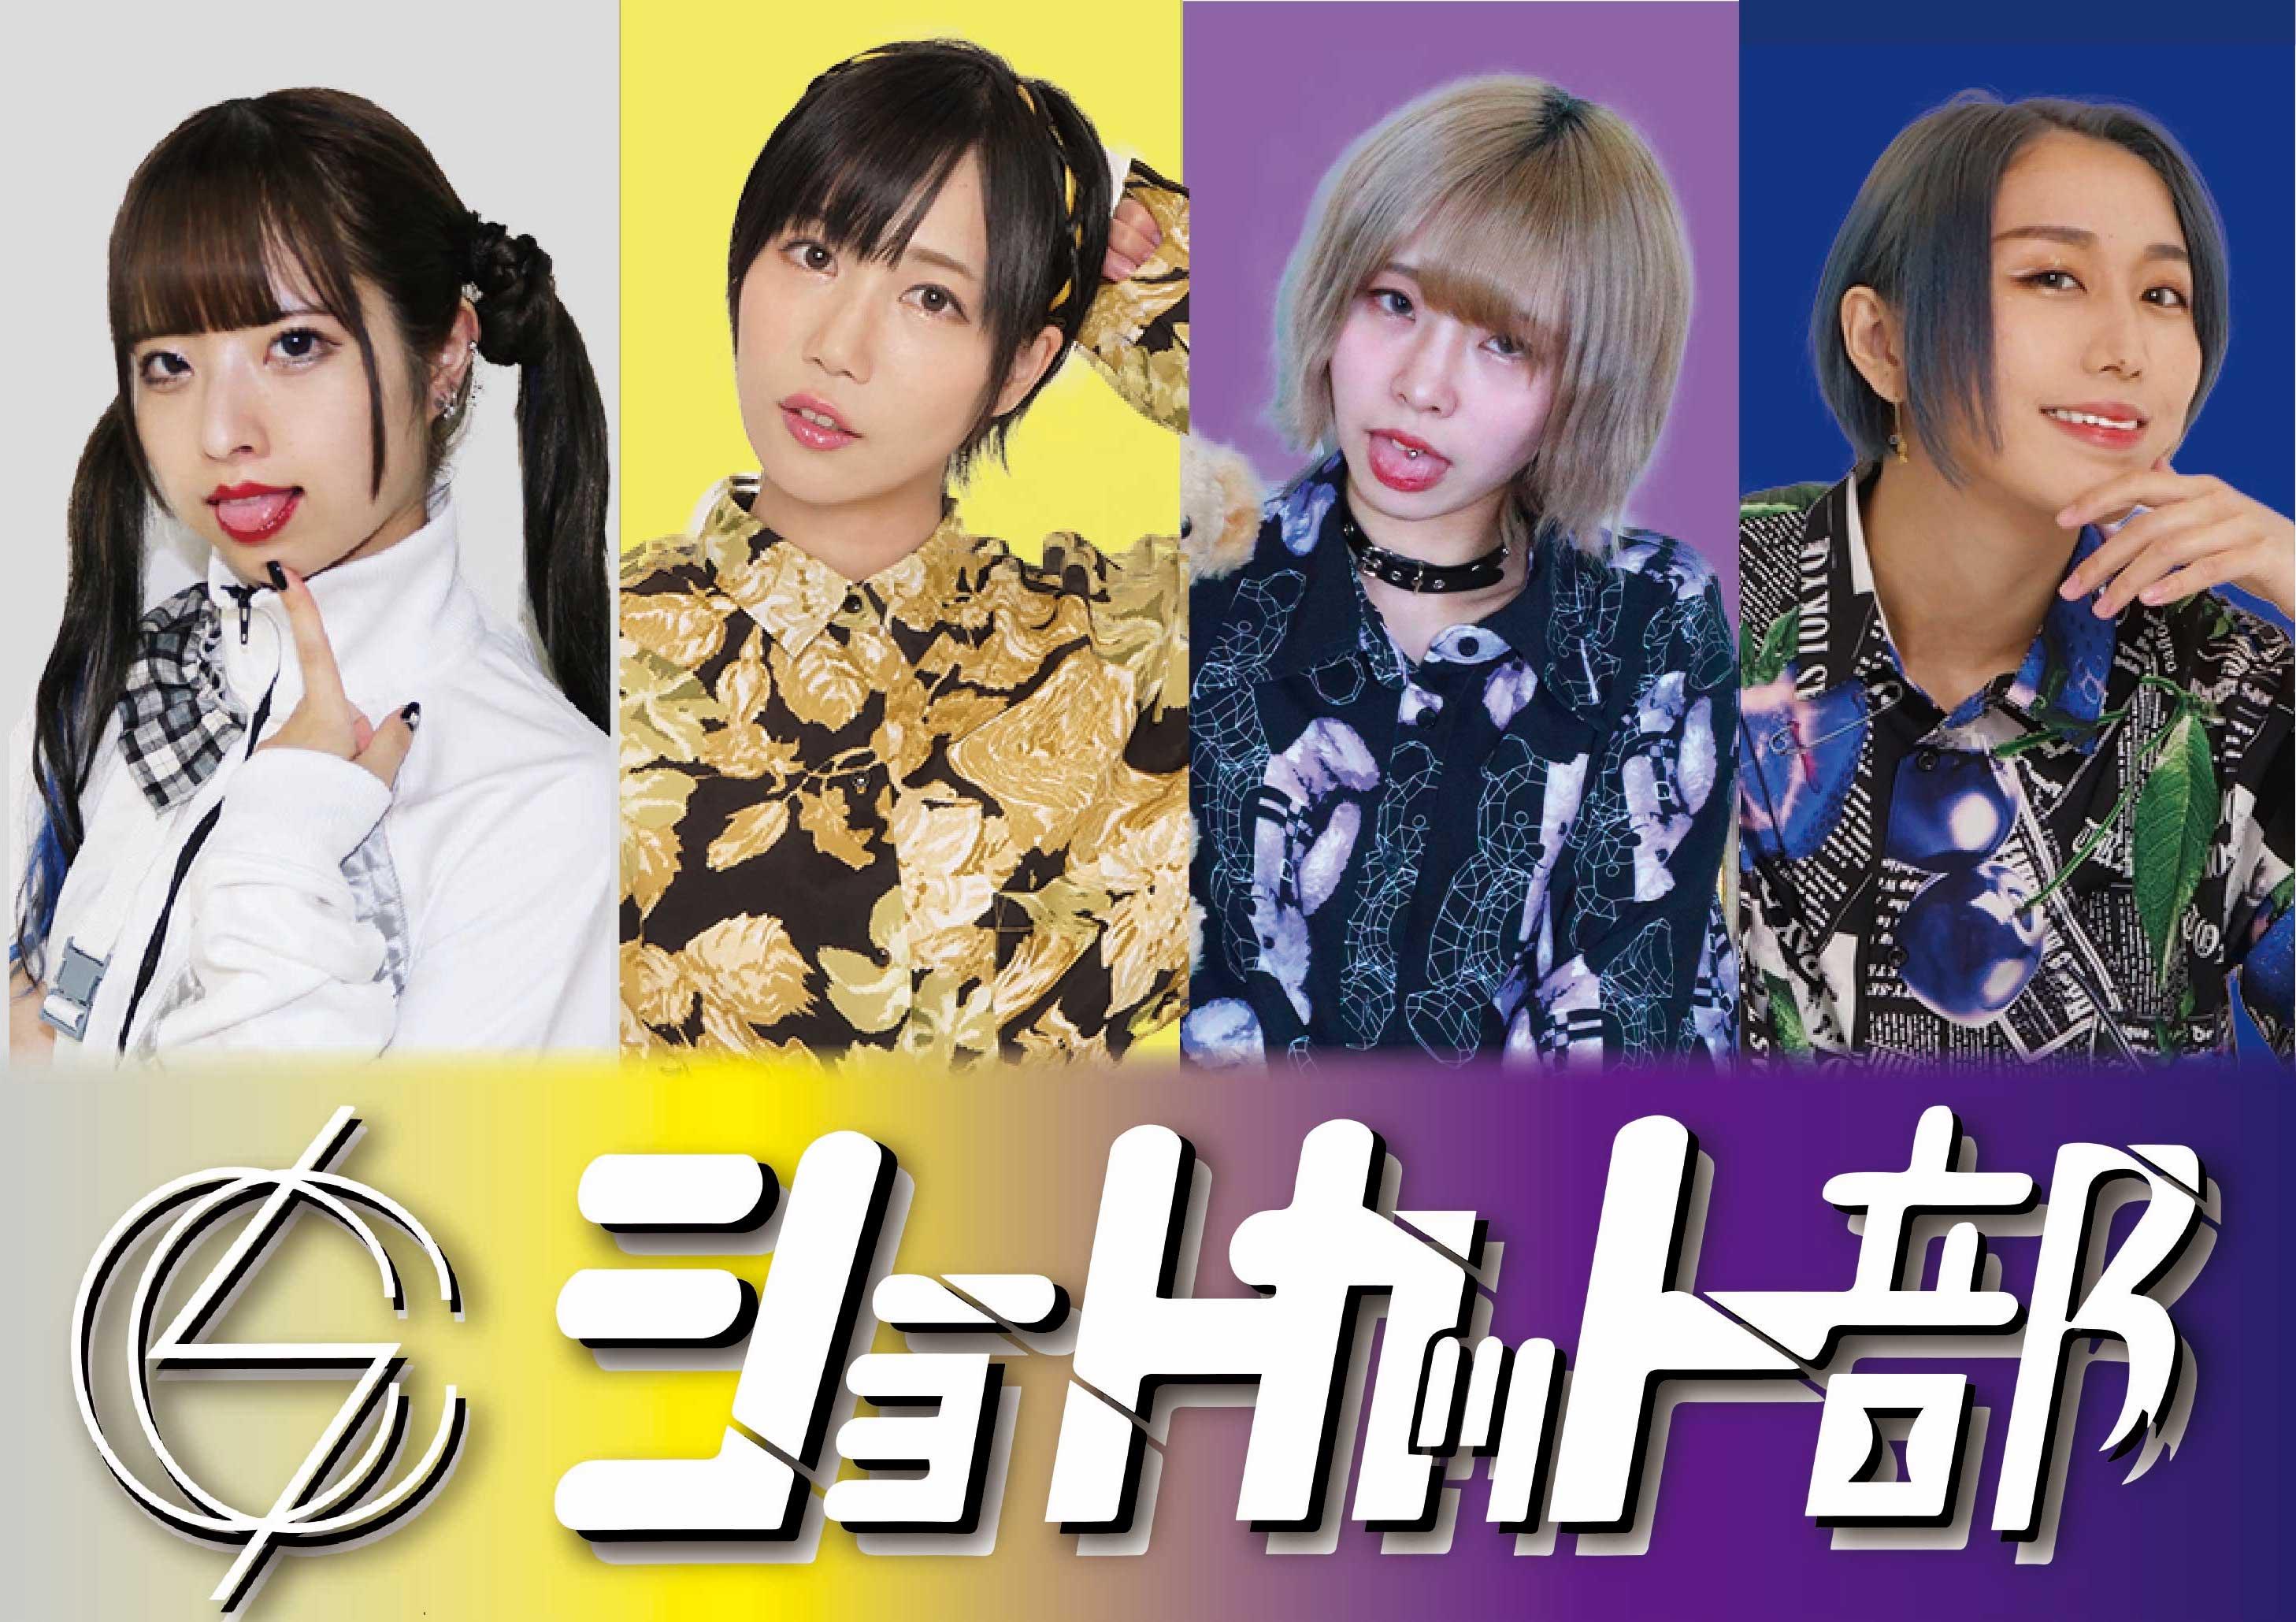 オーディション 「SHORT CUT CLUB」新メンバー募集 主催:株式会社PABLO、カテゴリ:アイドル(楽曲派)